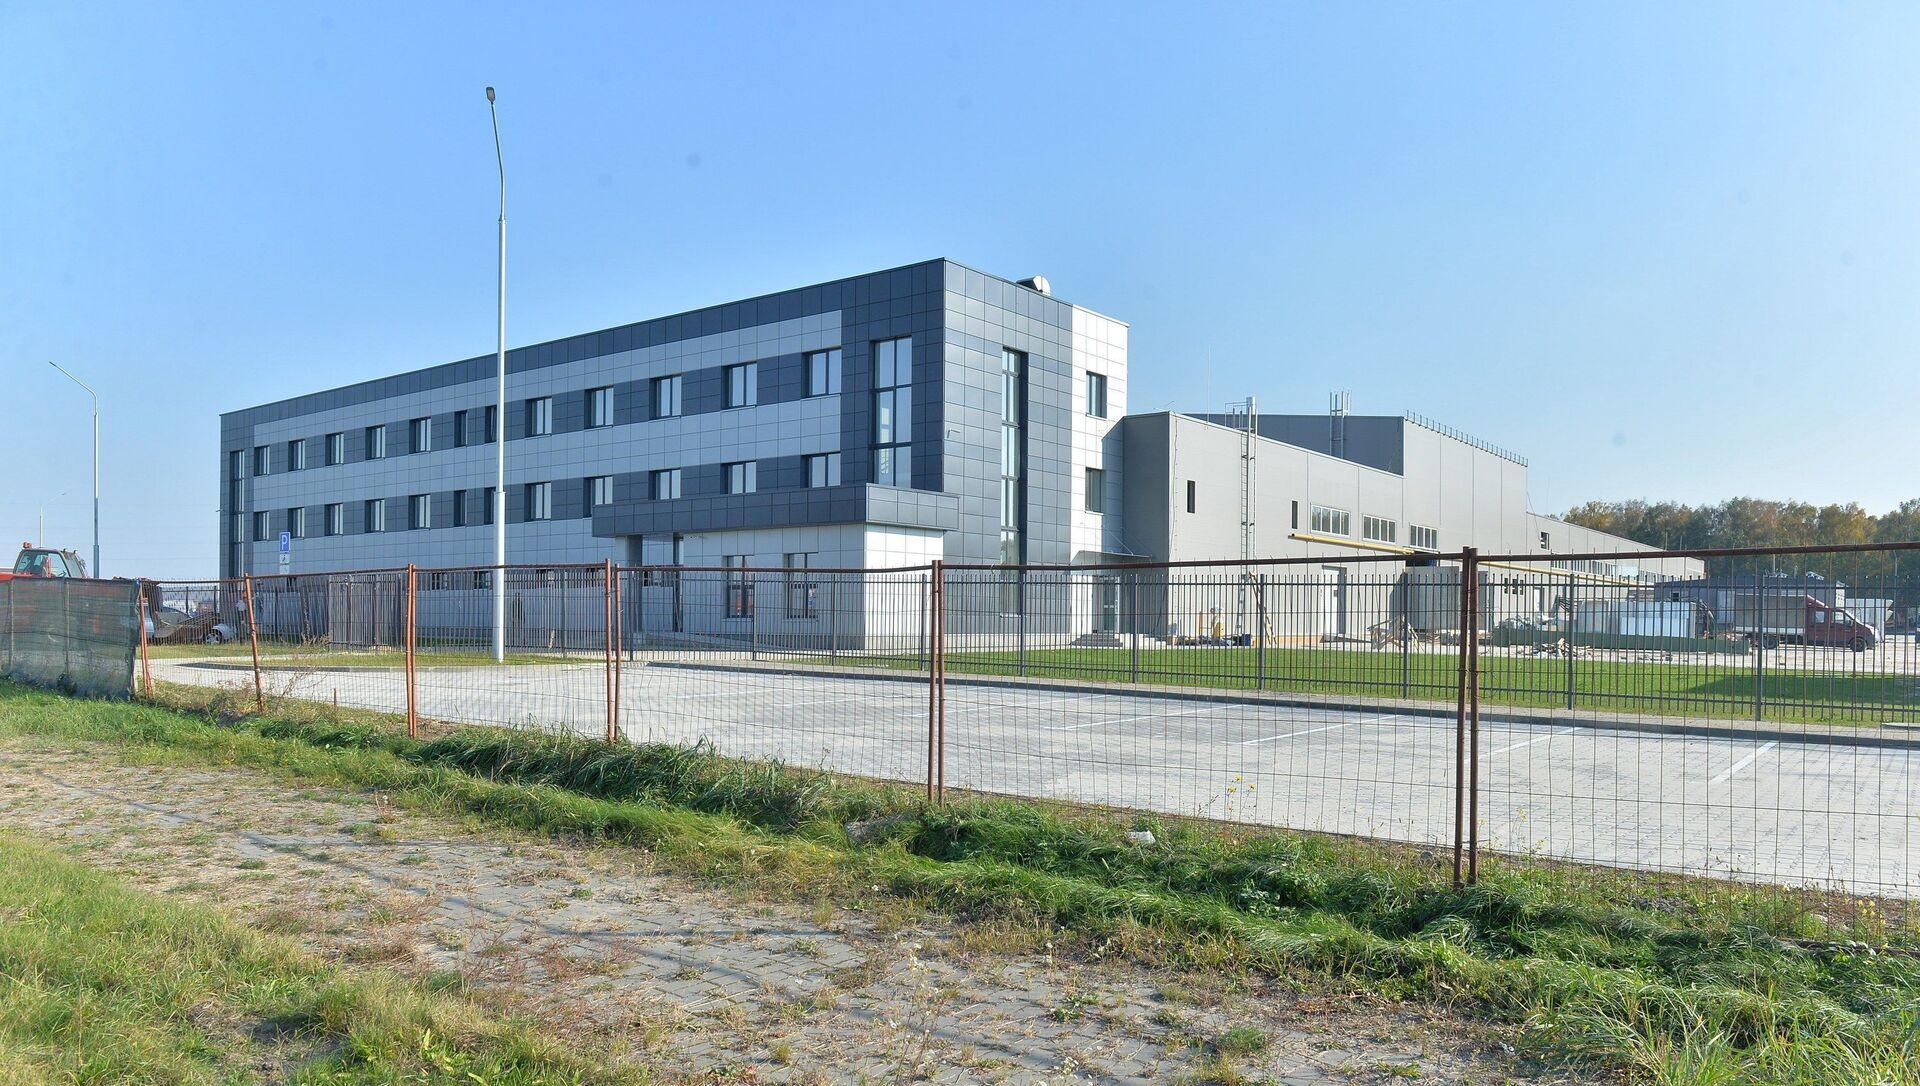 Инвестор 1AK-GROUP возводит аккумуляторный завод в СЭЗ Брест   - Sputnik Беларусь, 1920, 18.03.2021